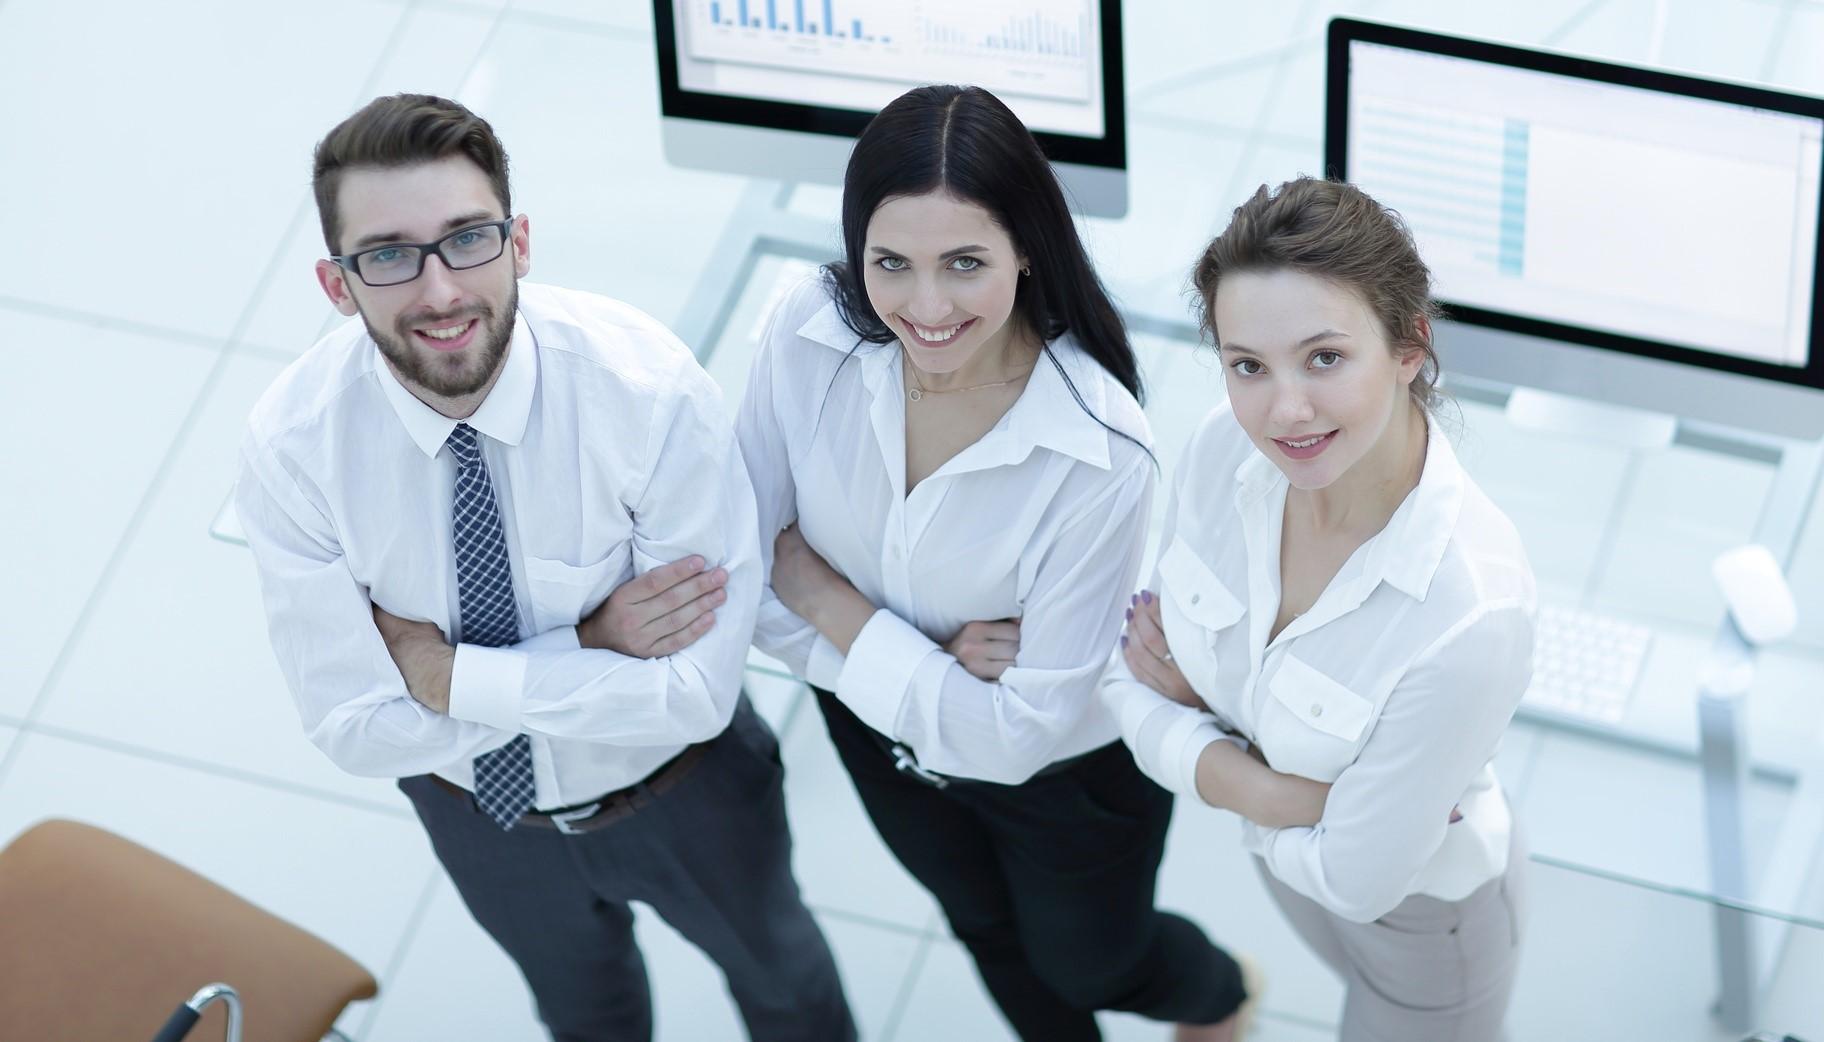 Digitale Arbeitswelt: Die meisten digitalen Technologien sind noch nicht im Arbeitsalltag angekommen